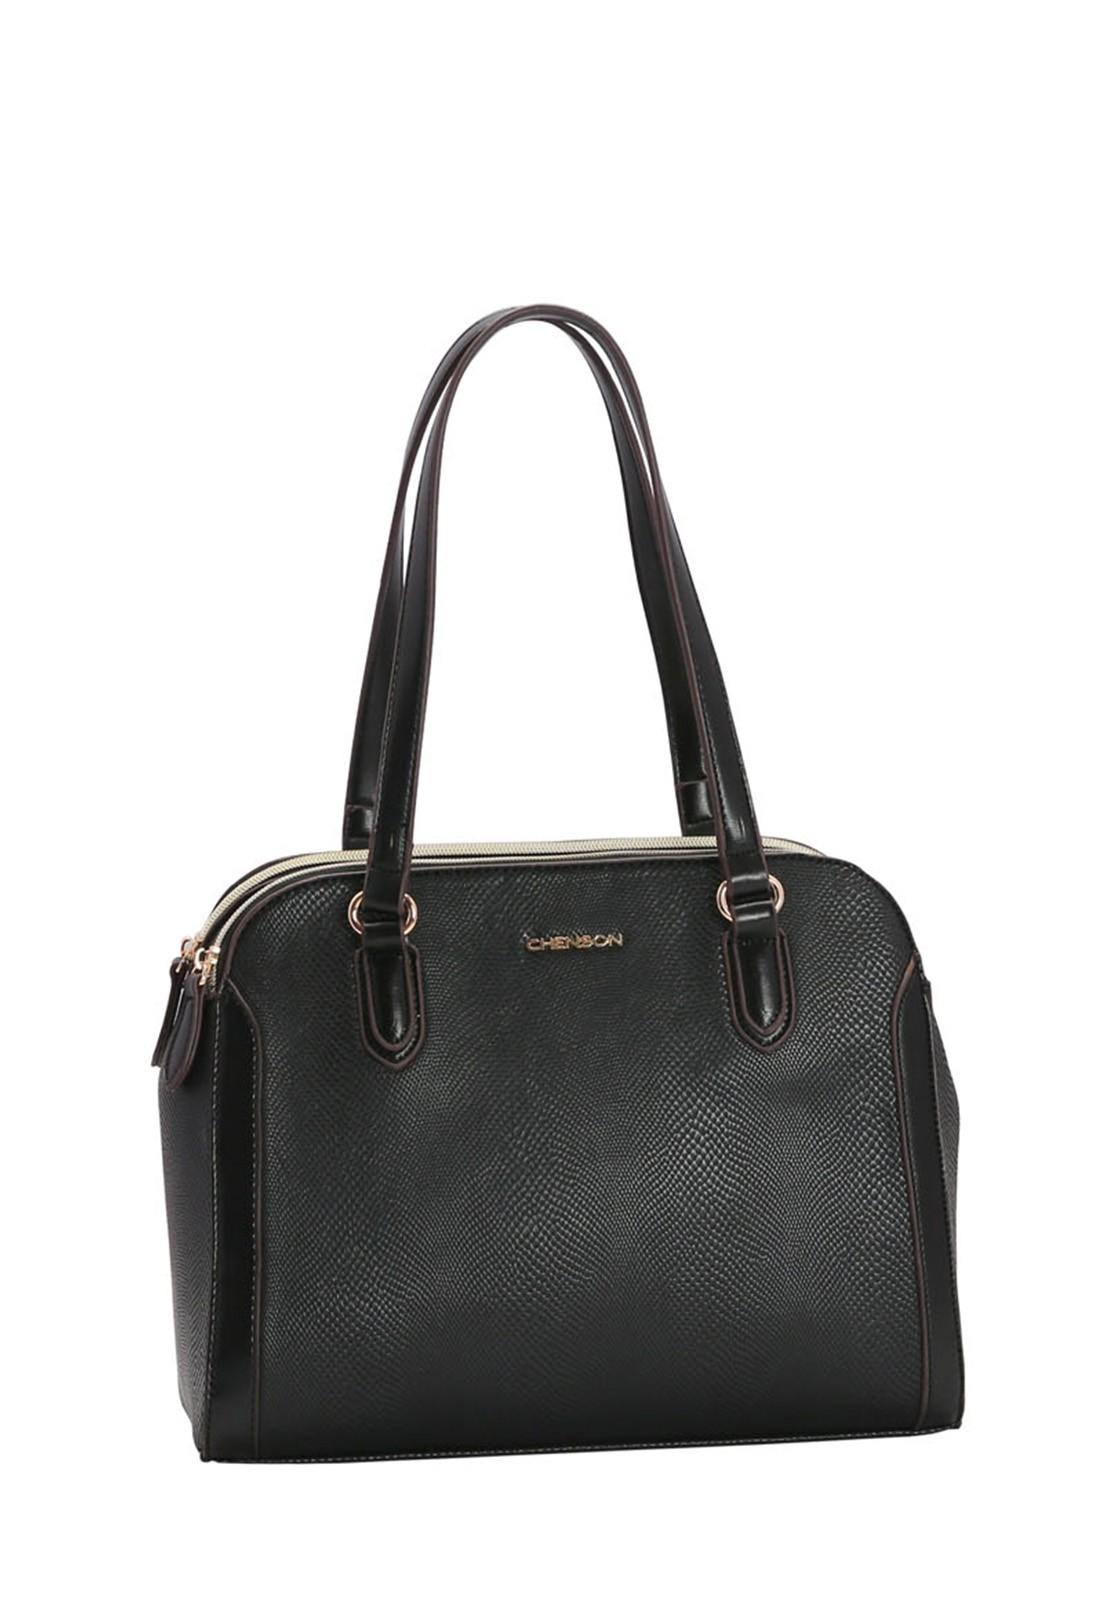 Bolsa Feminina Chenson Mini Lagarto de Ombro 3483141